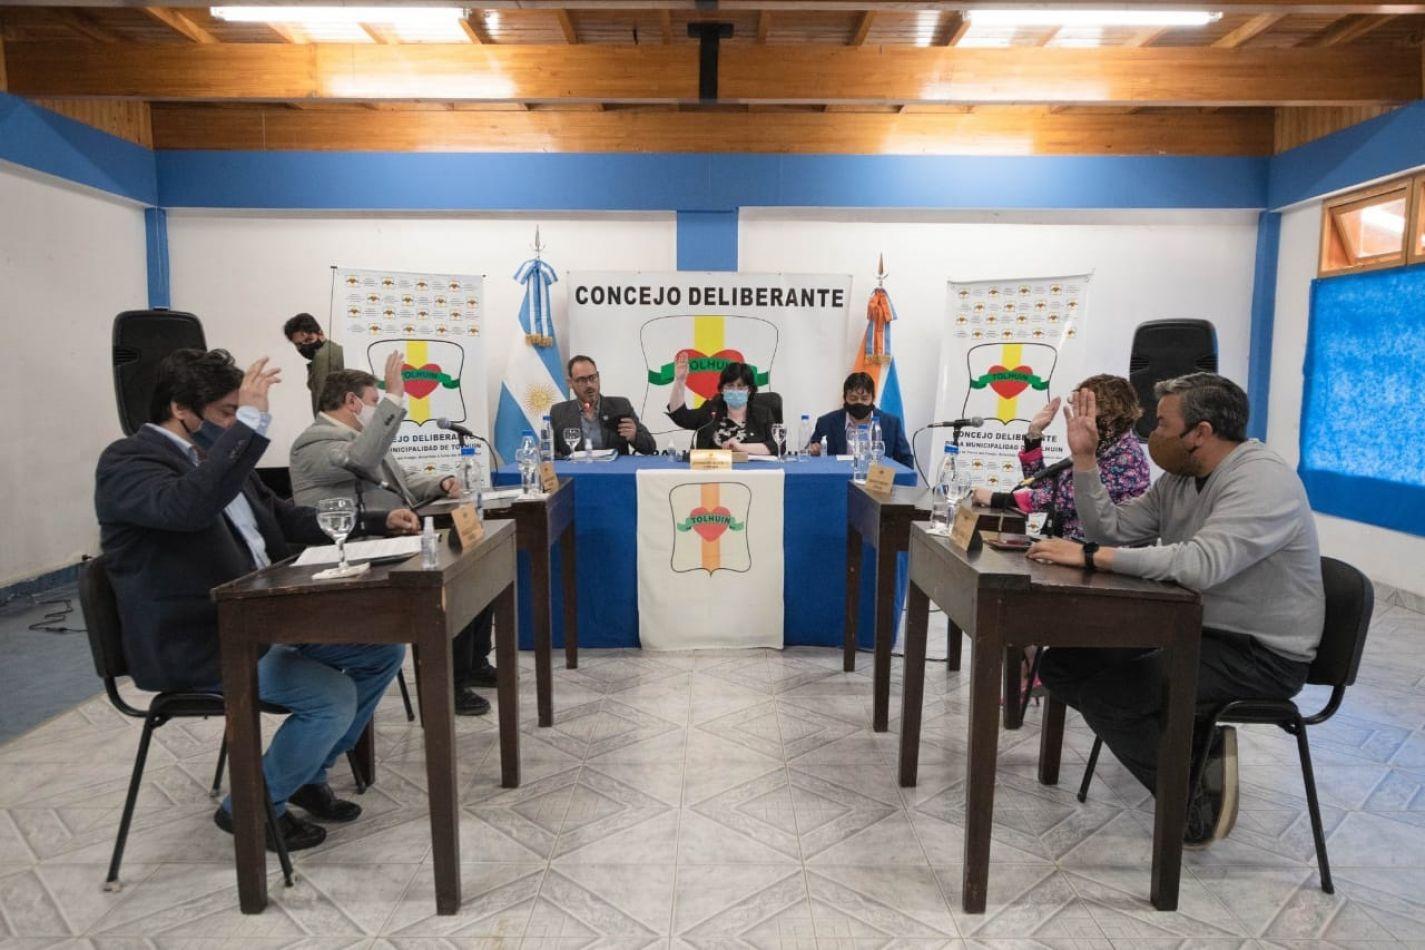 Finalmente Jeannette Alderete fue ratificada como presidente del Concejo Deliberante de Tolhuin.